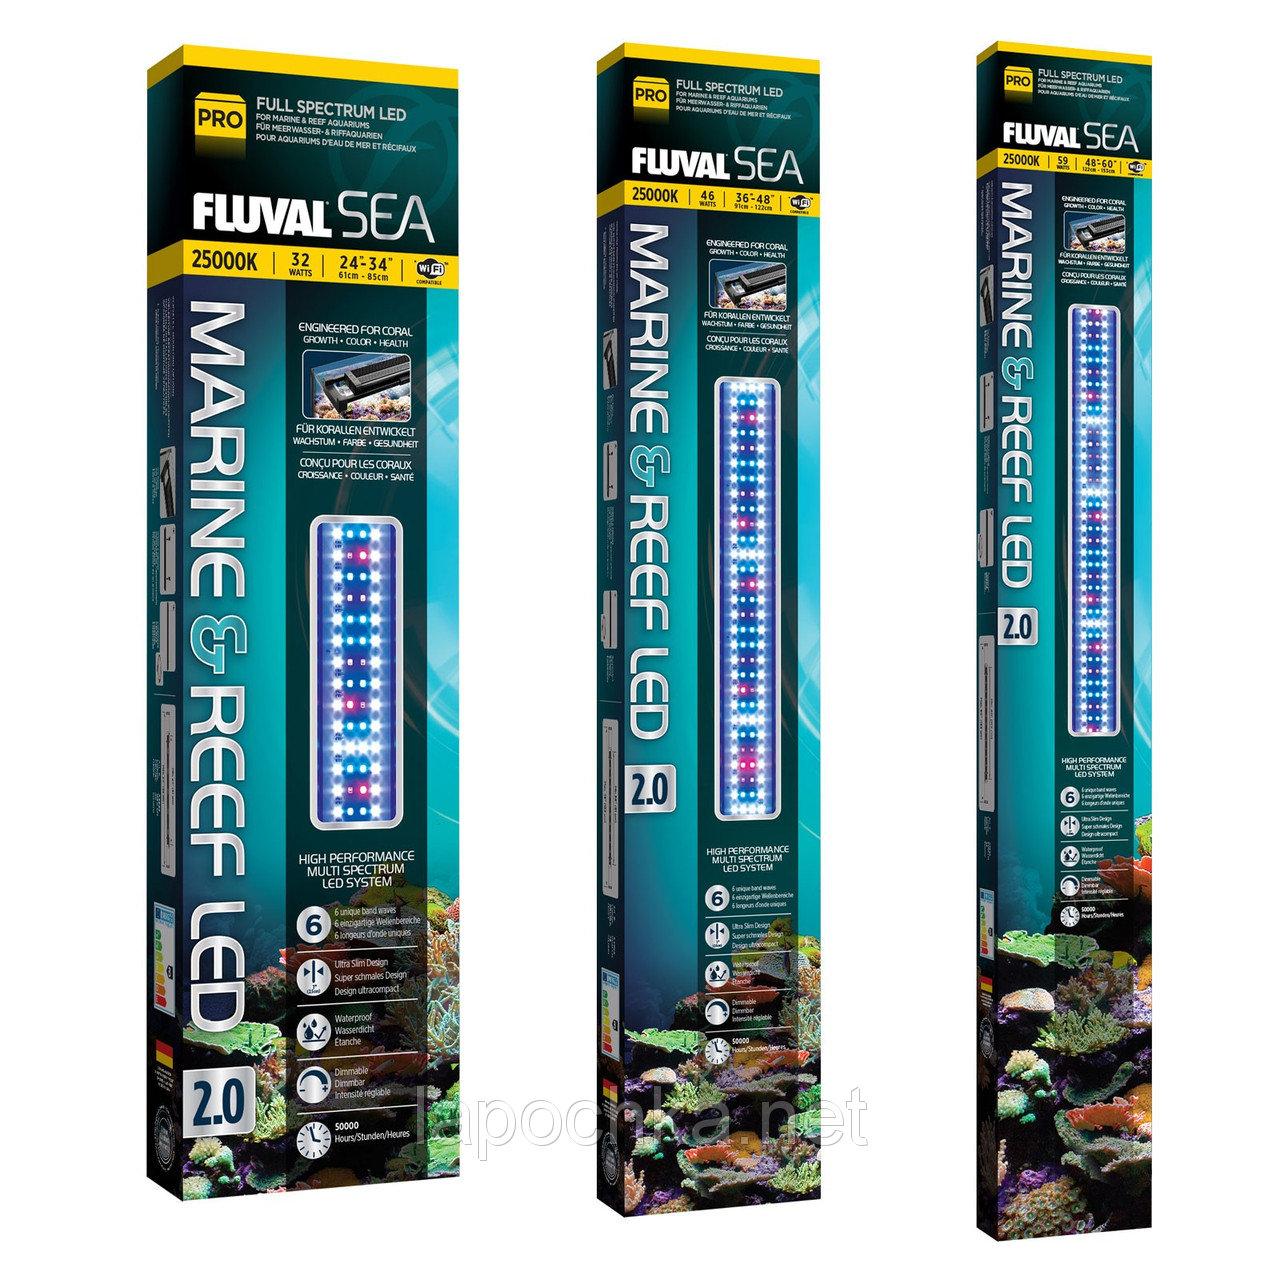 Fluval Sea Marine & Reef 2.0 LED